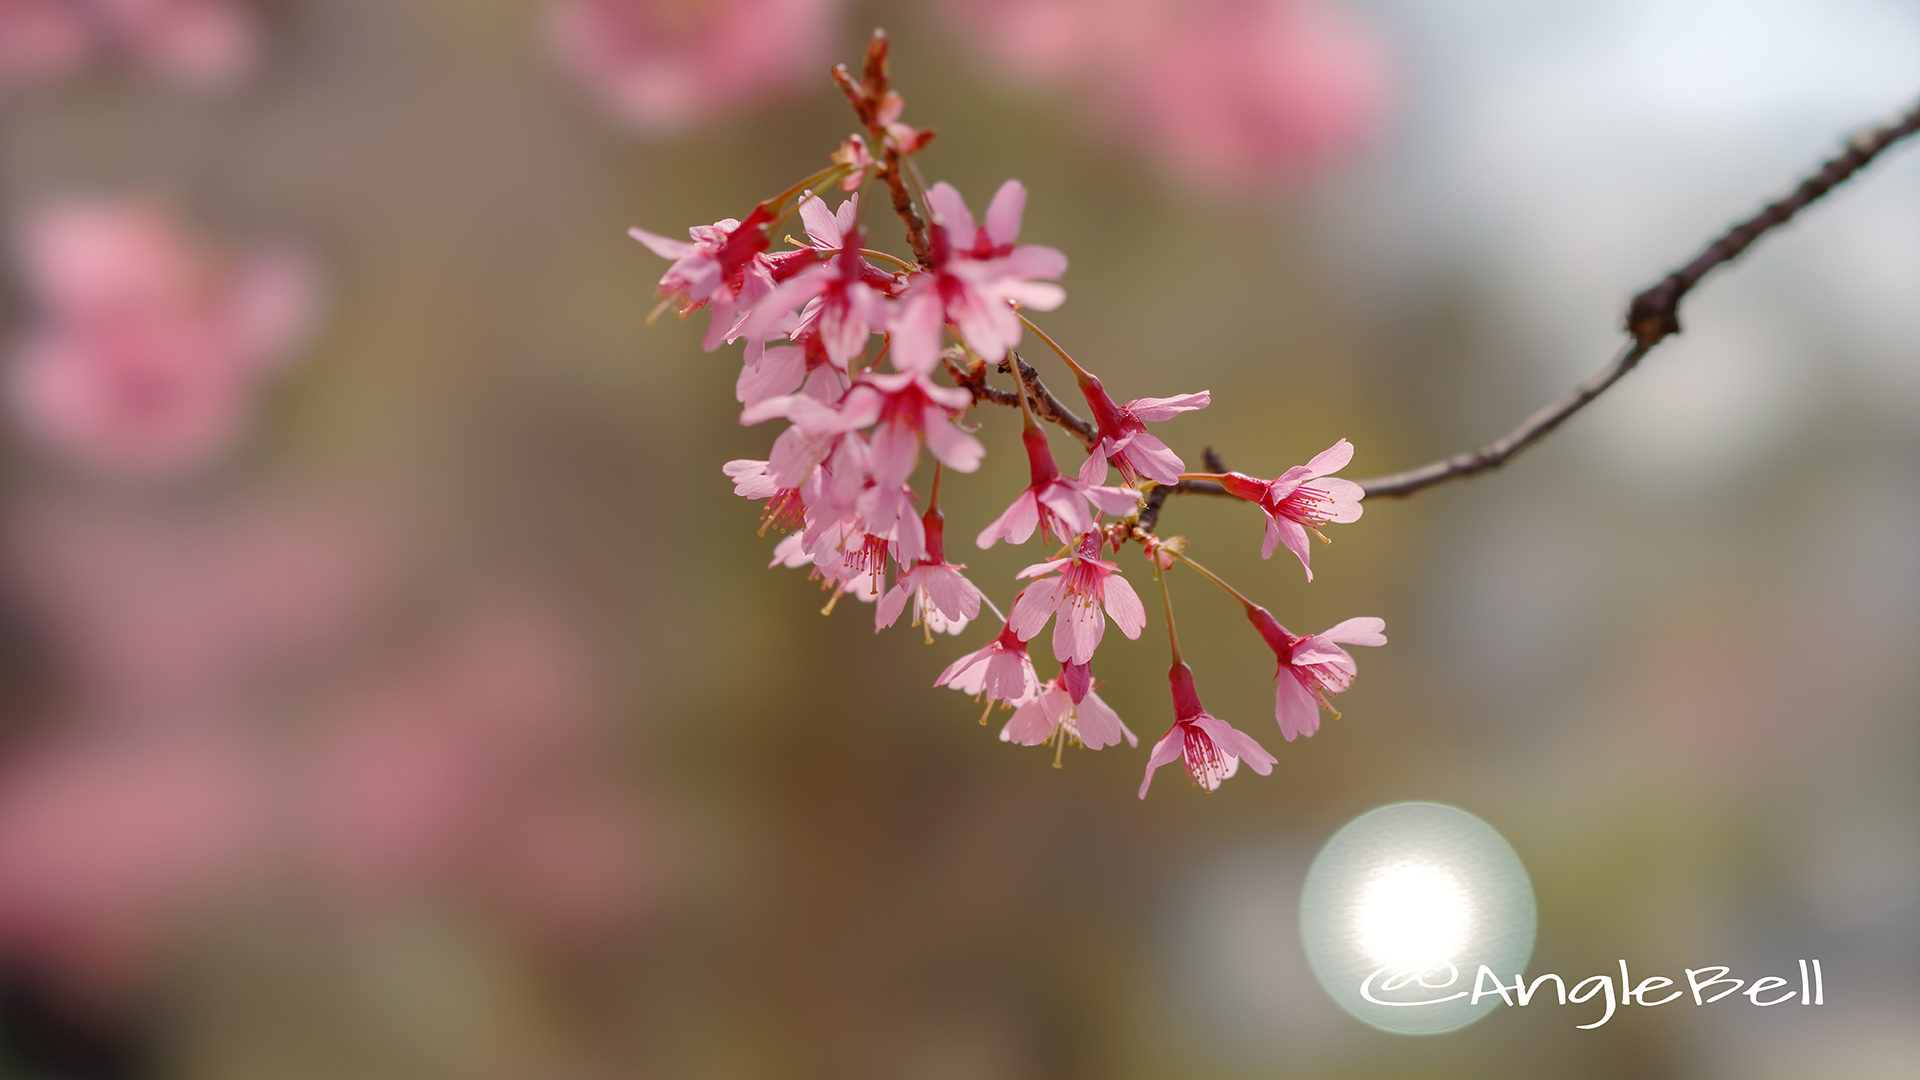 カンヒザクラ 寒緋桜 Flower Photo6